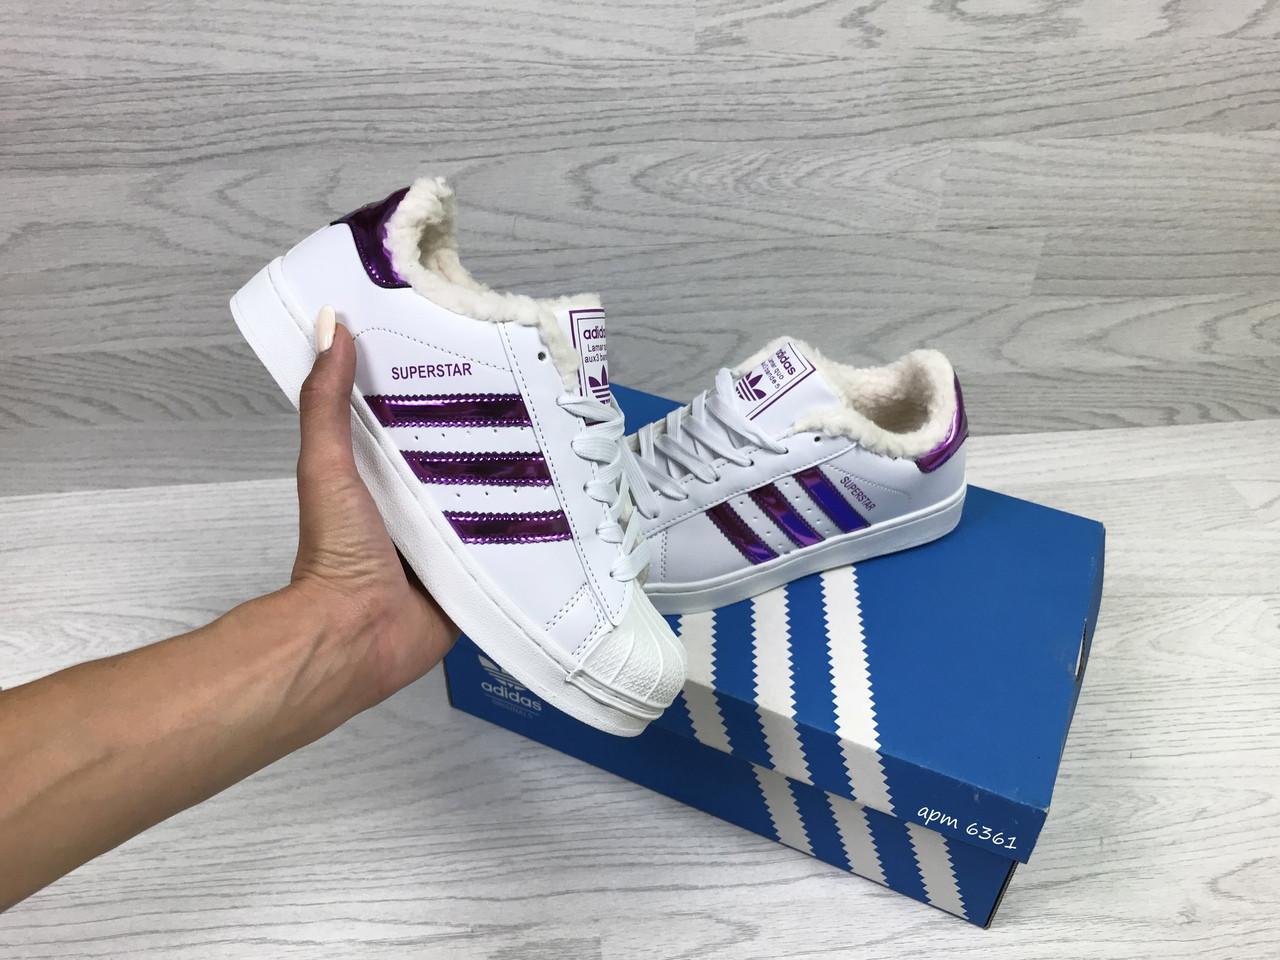 ... Кроссовки в стиле Adidas Superstar (белые с фиолетовым) женские зимние  кроссовки код товара 6361 ... 2df1dfdd8b19b